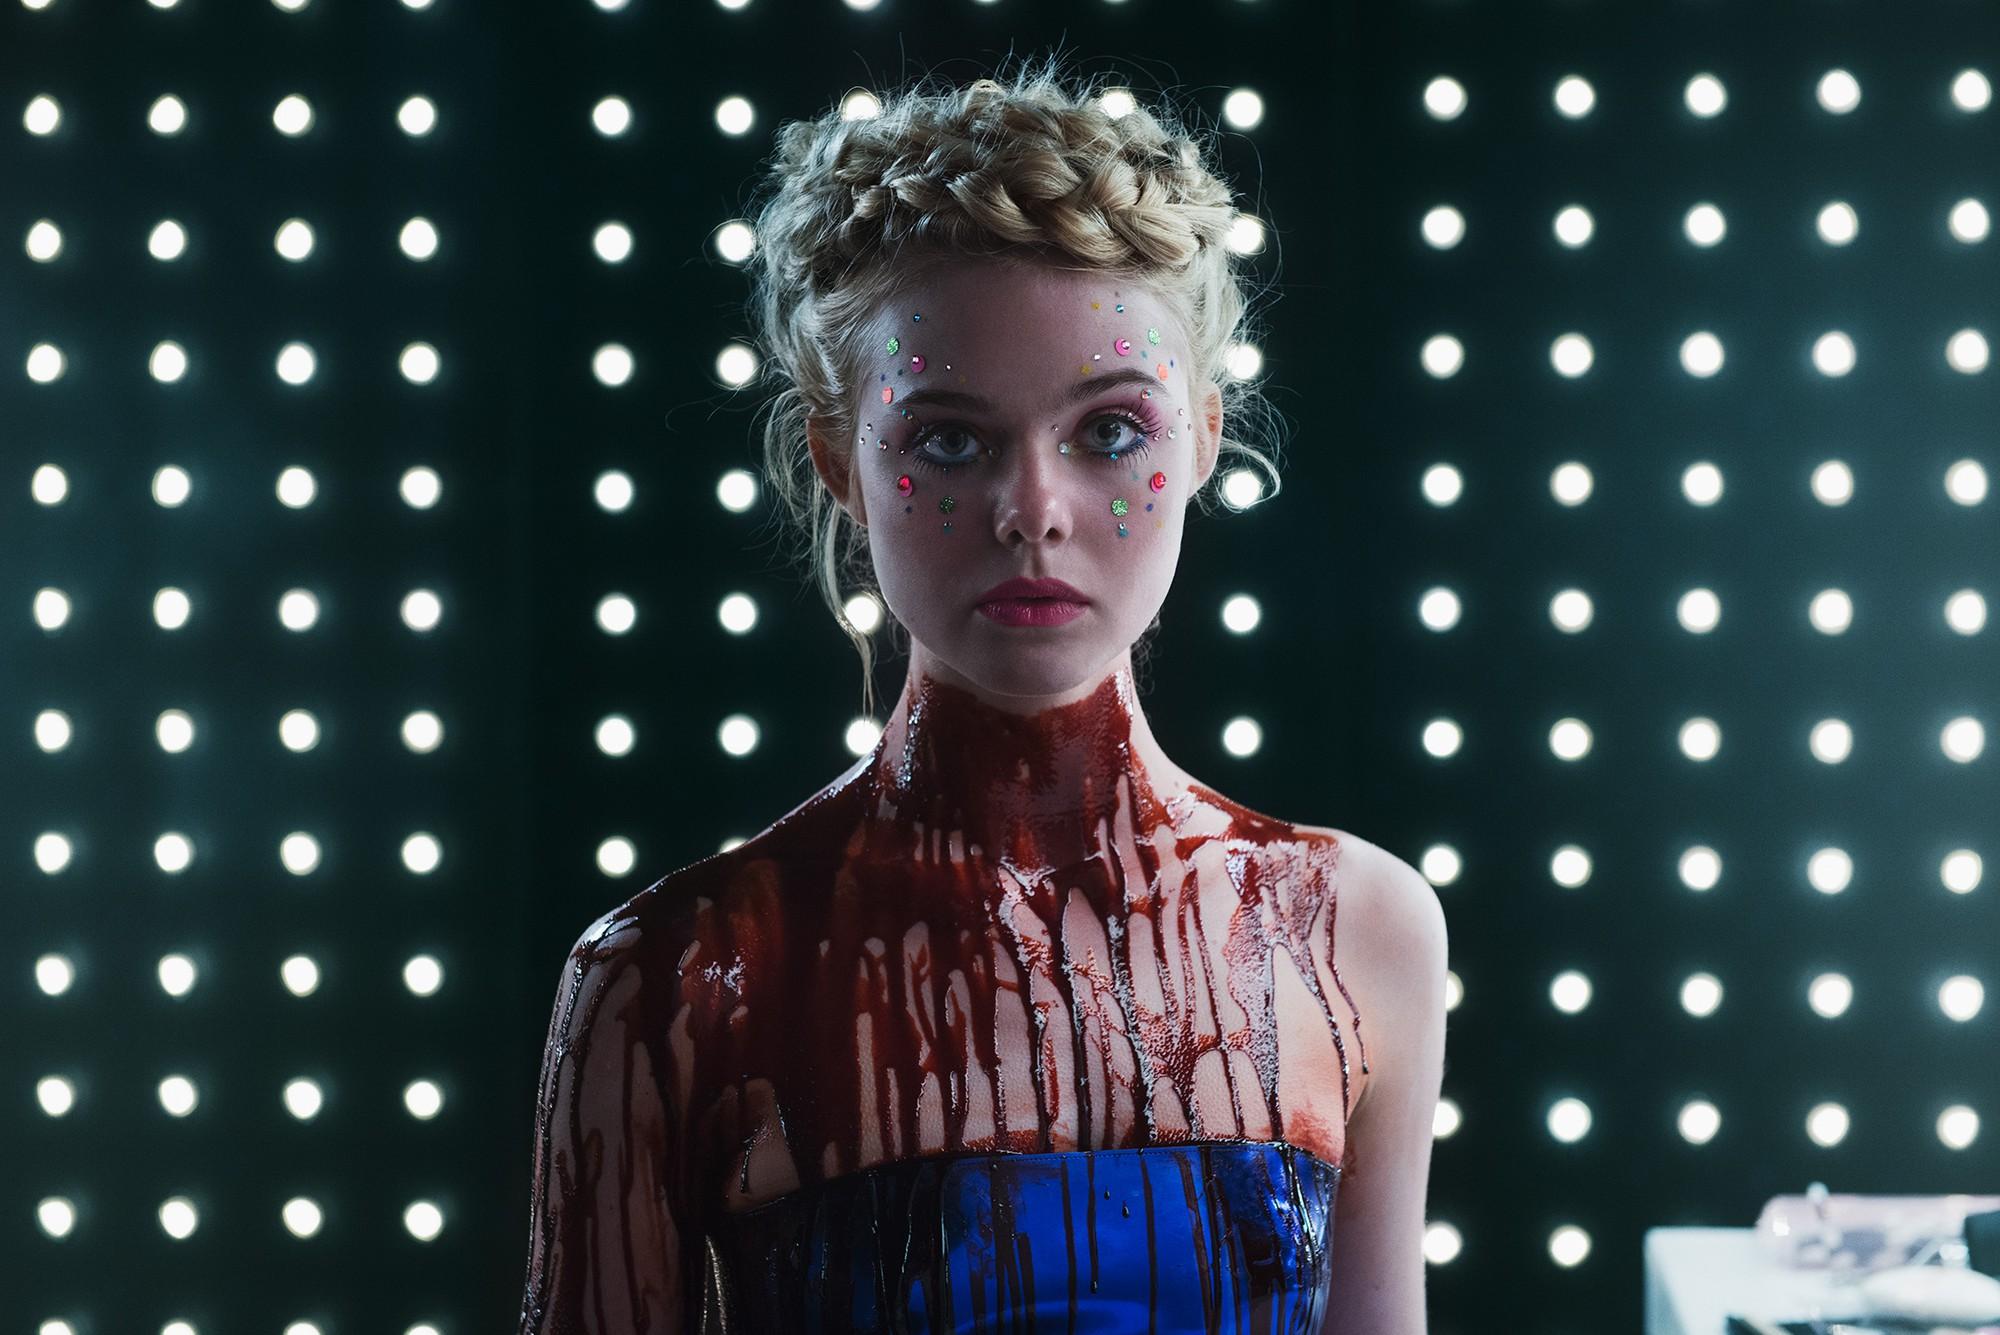 Giám khảo trẻ nhất lịch sử Cannes Elle Fanning: Đẹp vô thực, từ bóng của chị gái thành cô tiên nước Mỹ quyền lực - Ảnh 12.